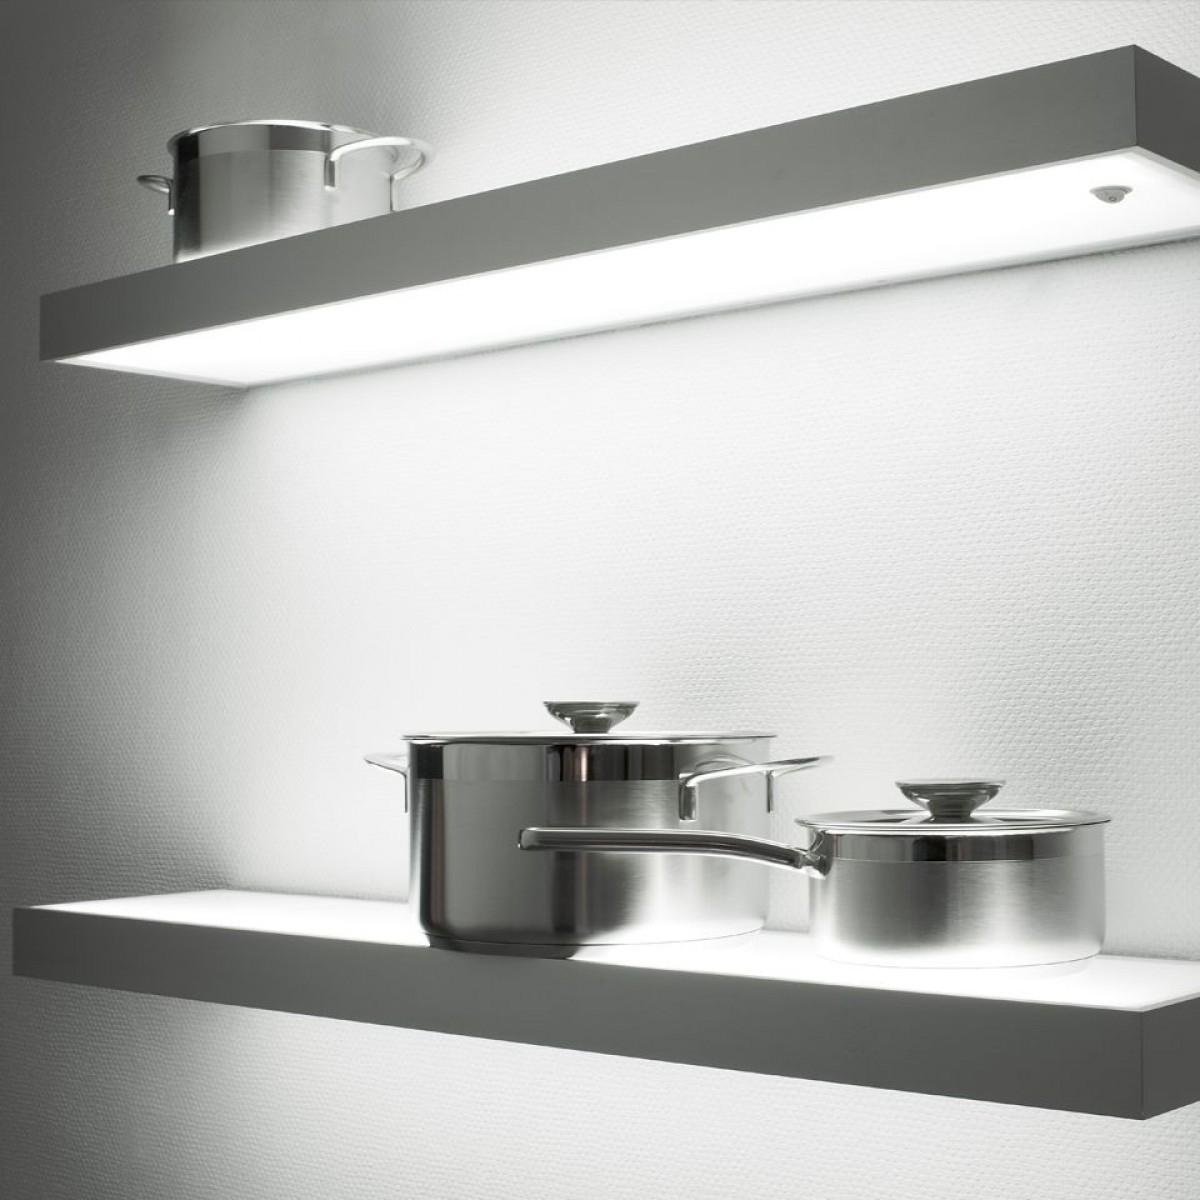 Illuminated Led Glass Box Shelf Shelf Lighting Kitchen For Illuminated Glass Shelf (#6 of 12)